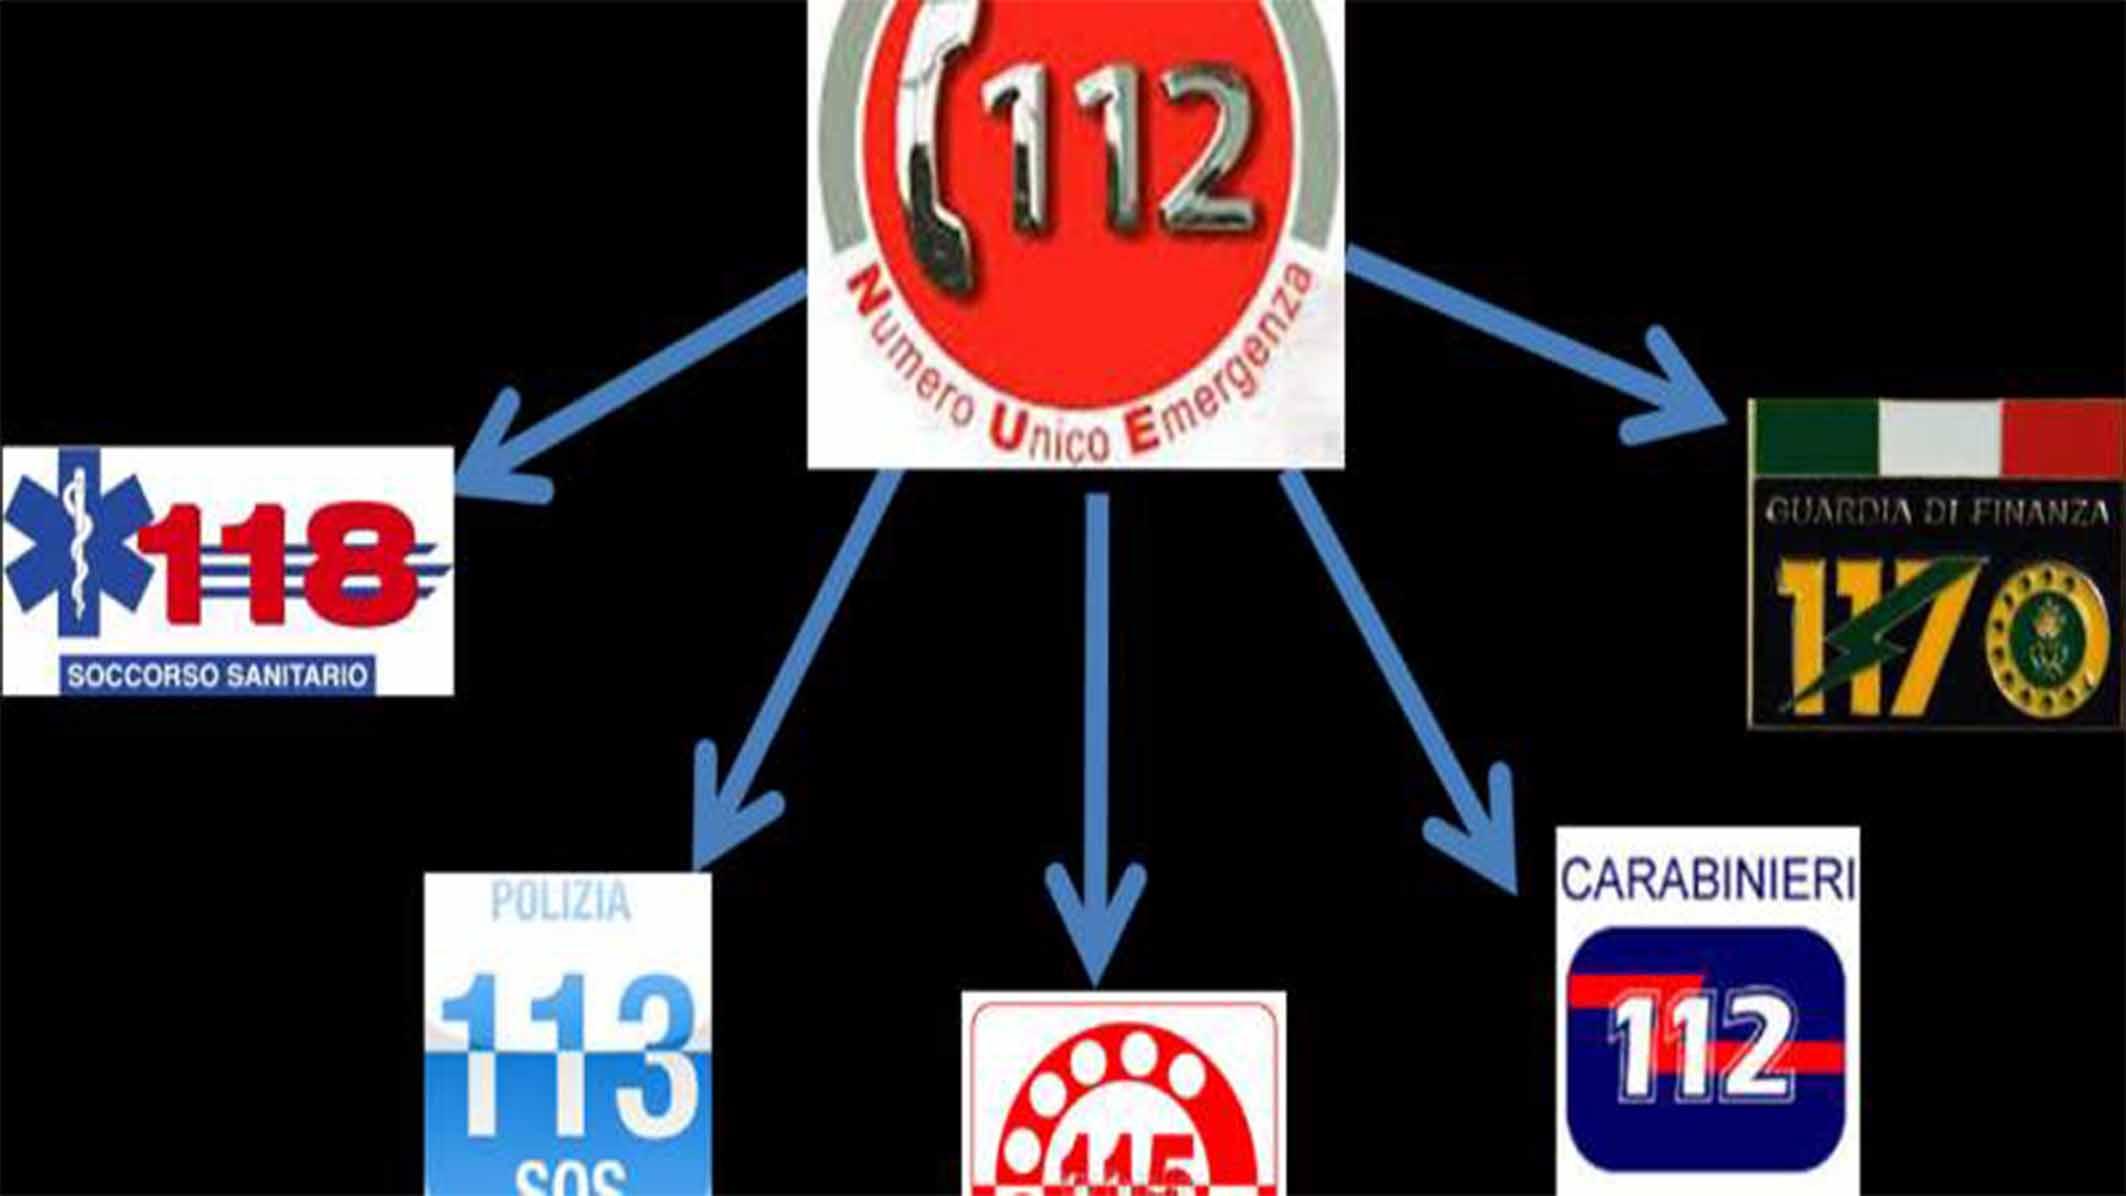 Guida Numeri utili per il cittadino: Carabinieri, Polizia, Vigili del Fuoco, Guardia di Finanza, Forestale…